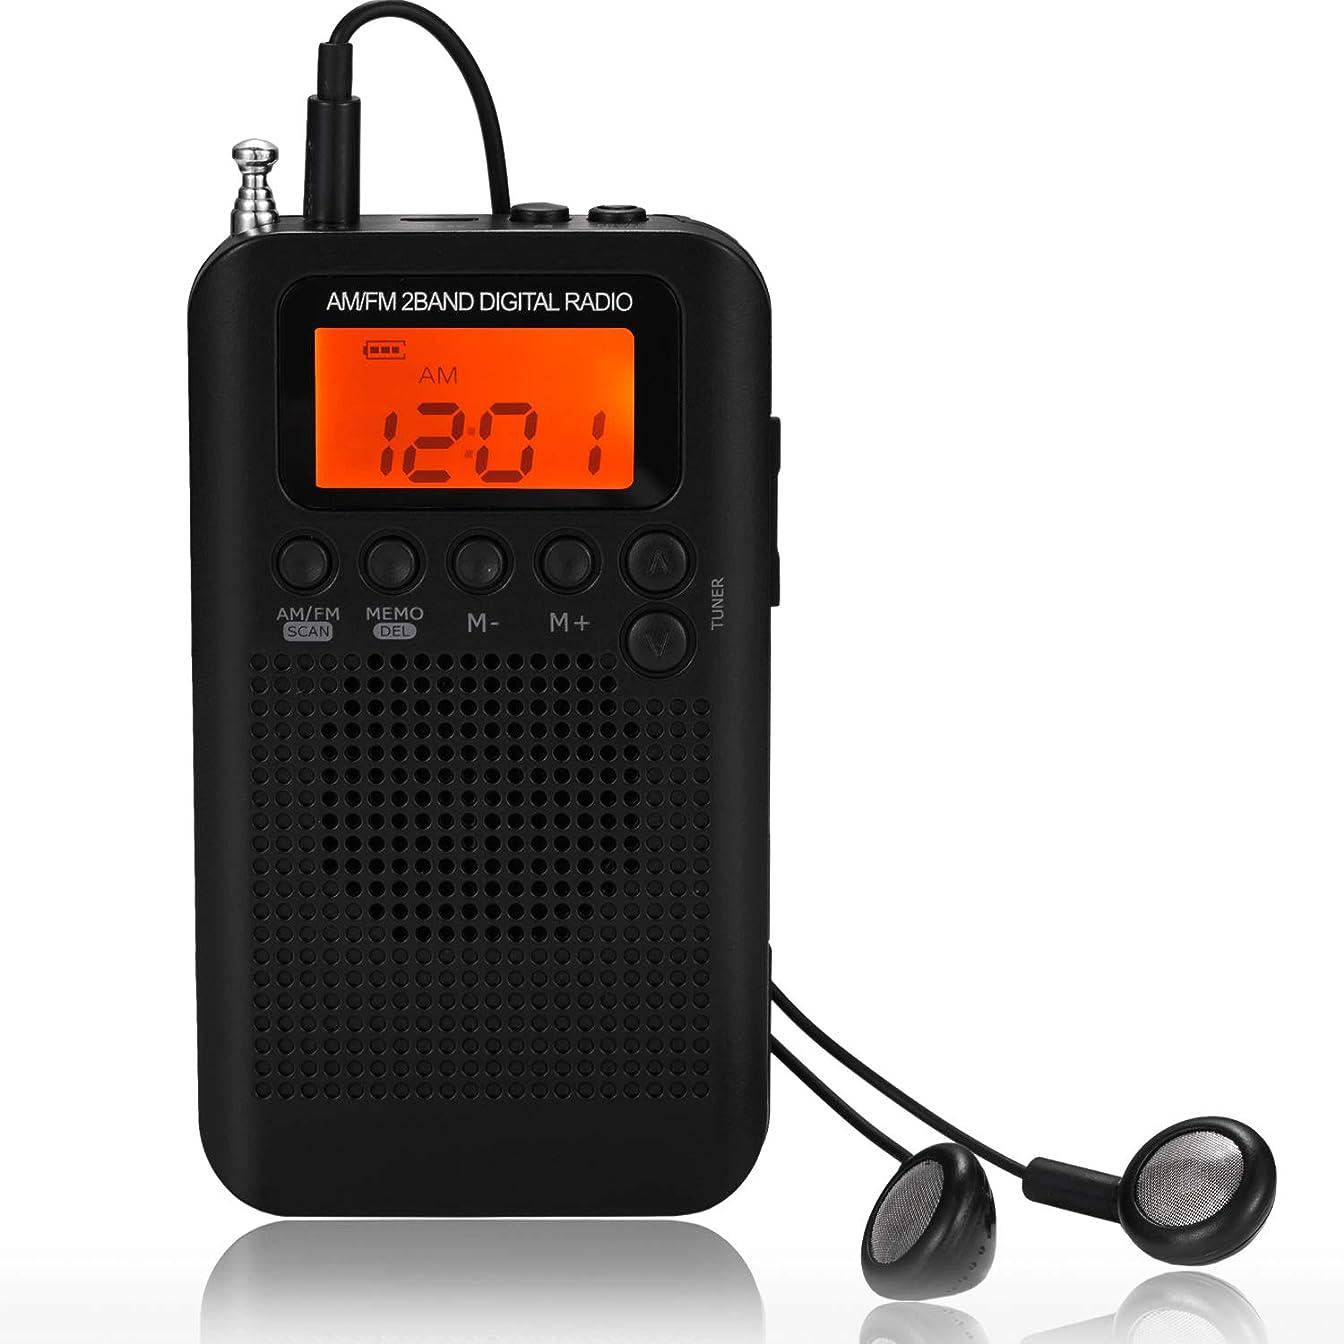 チューインガムよく話されるすぐにAM FM ポケット ラジオ LCD液晶ディスプレー ポータブル ラジオ デジタル チューニング ローク機能搭載 AM/FM ステレオ ラジオ 充電式 バッテリー イヤホン